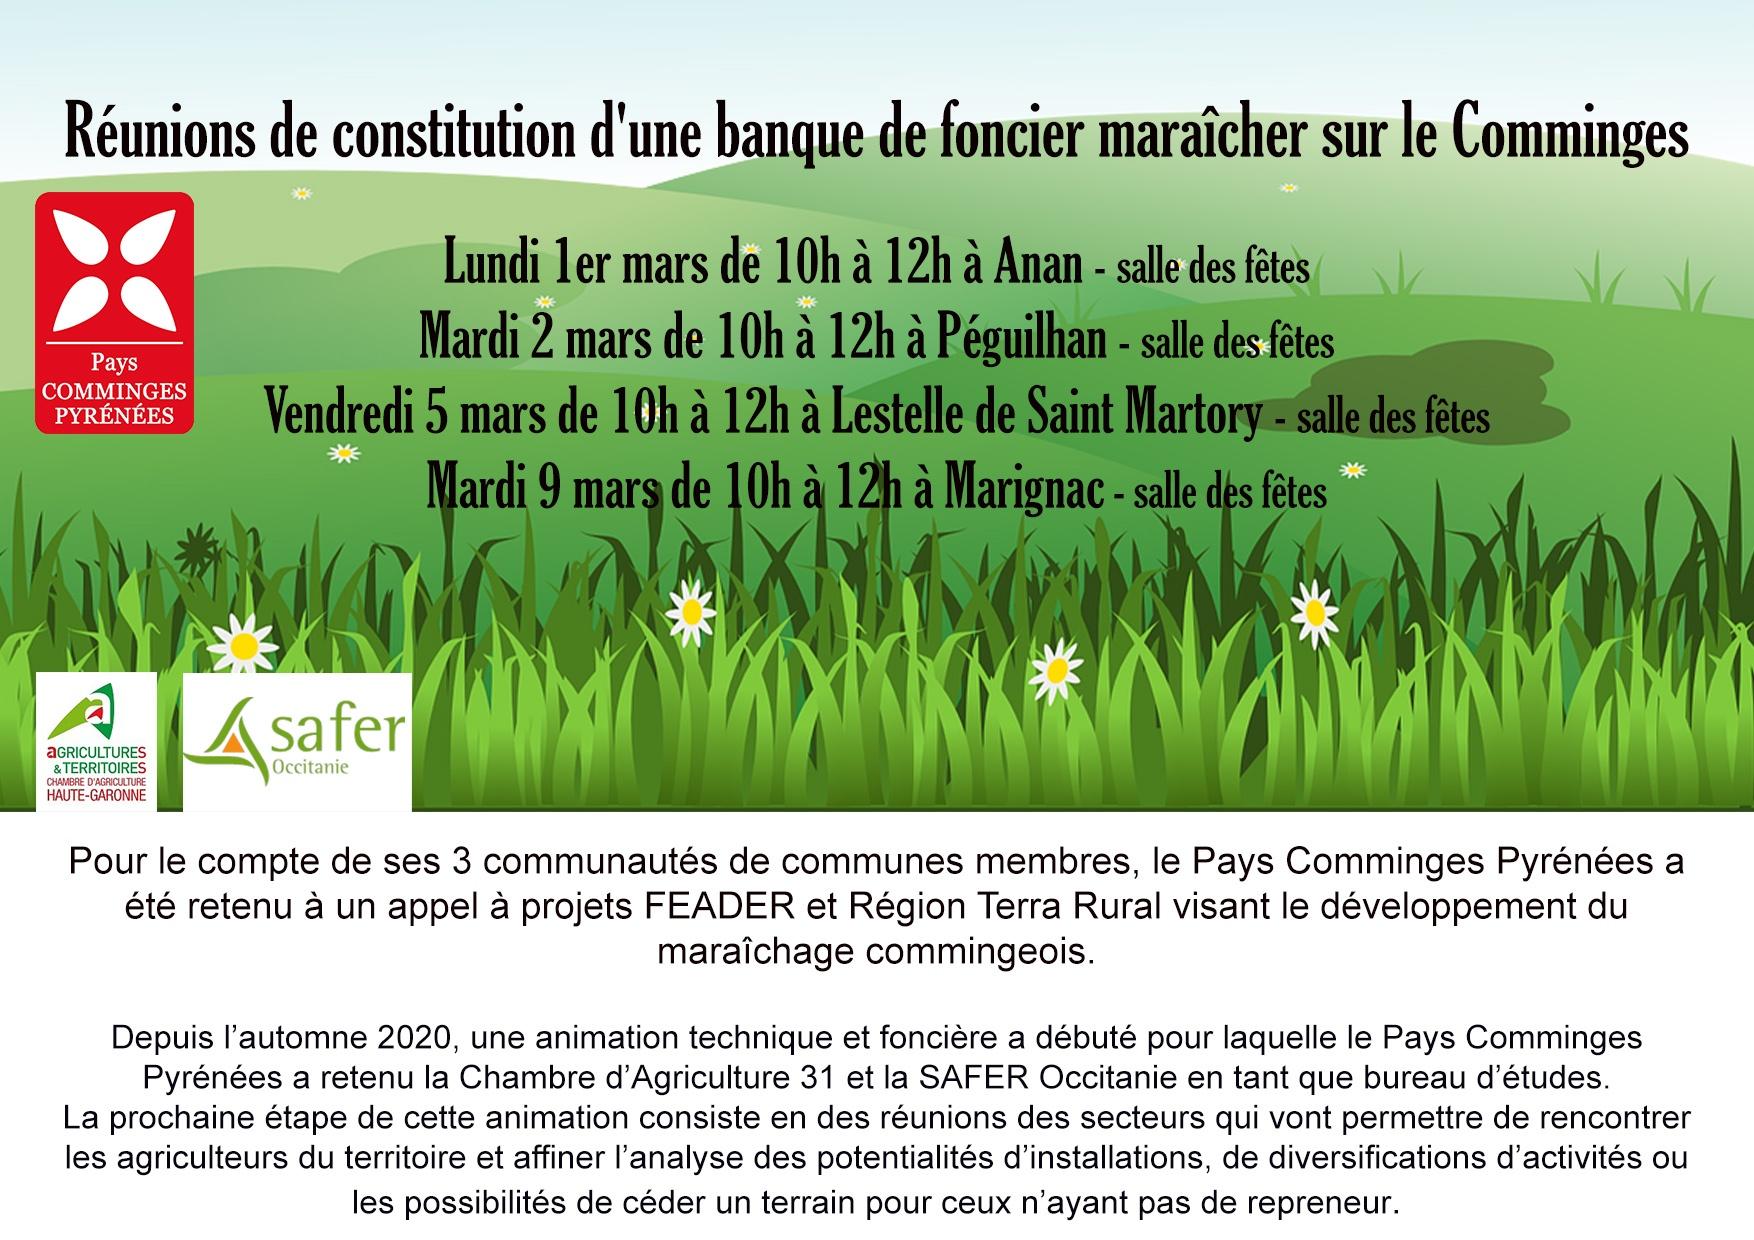 Terra rural Comminges Pyrénées